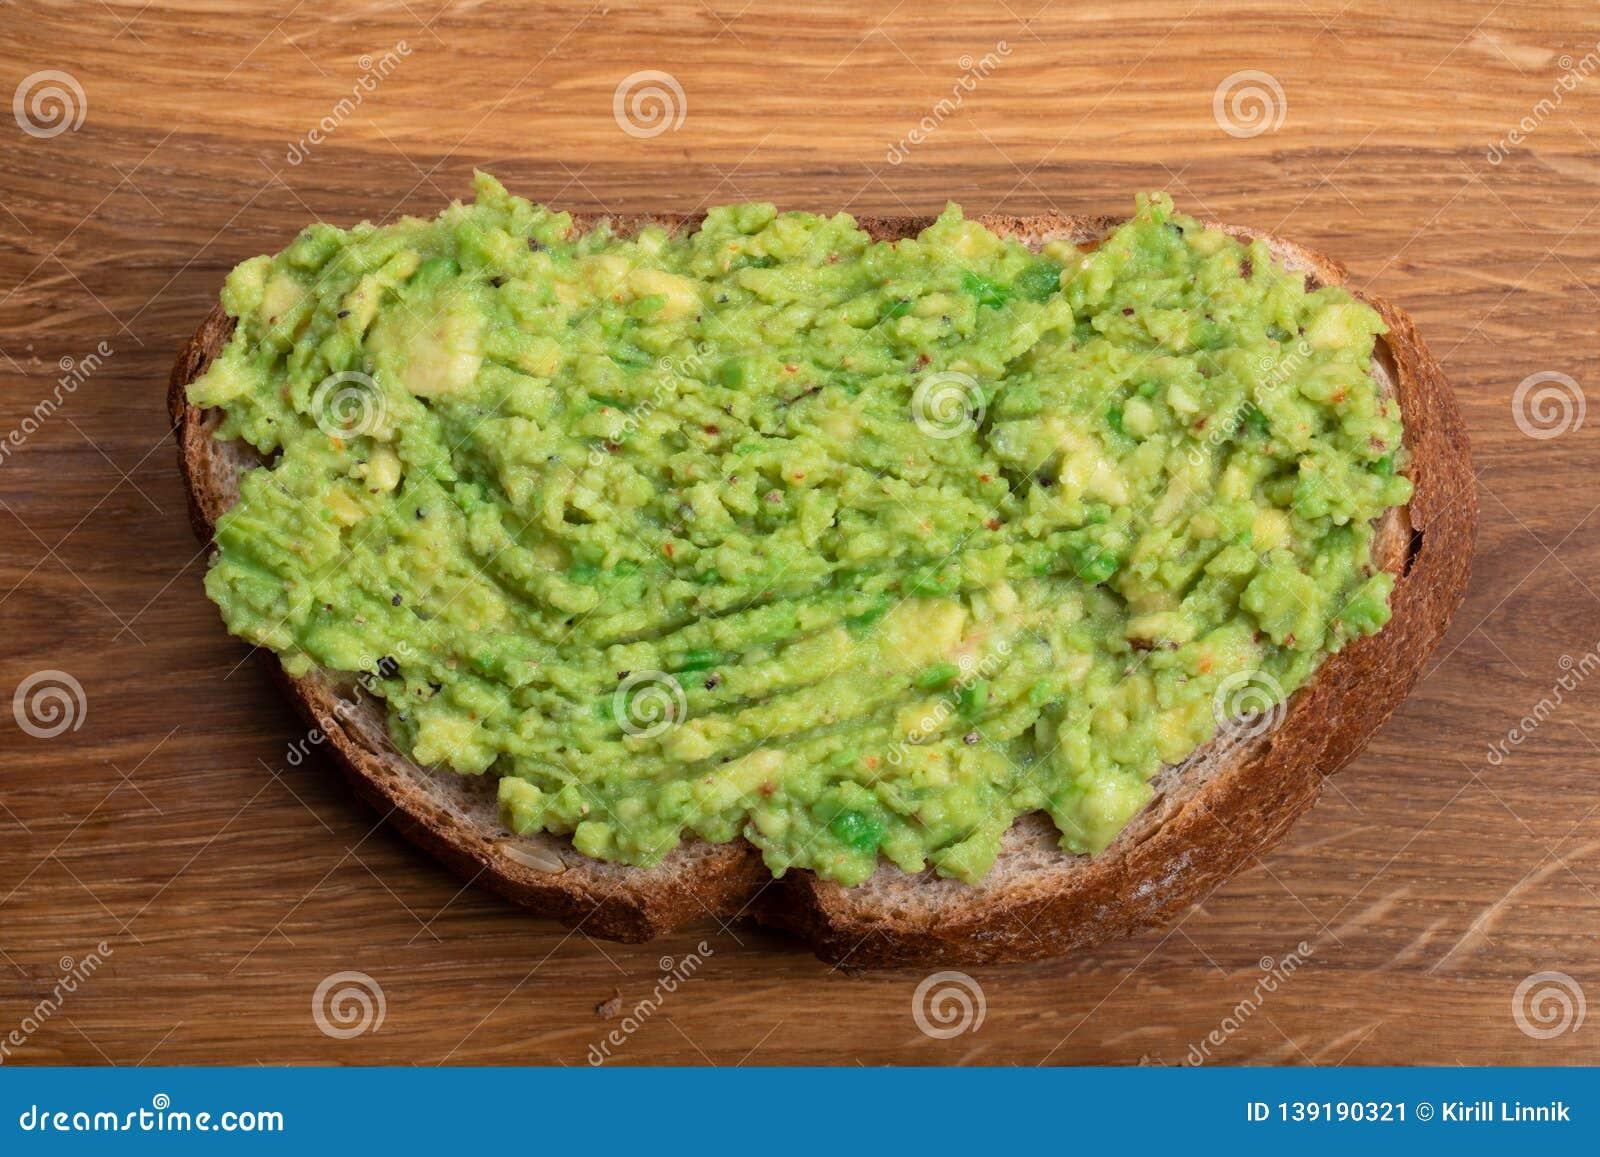 Wholewheat toast with mashed avocado